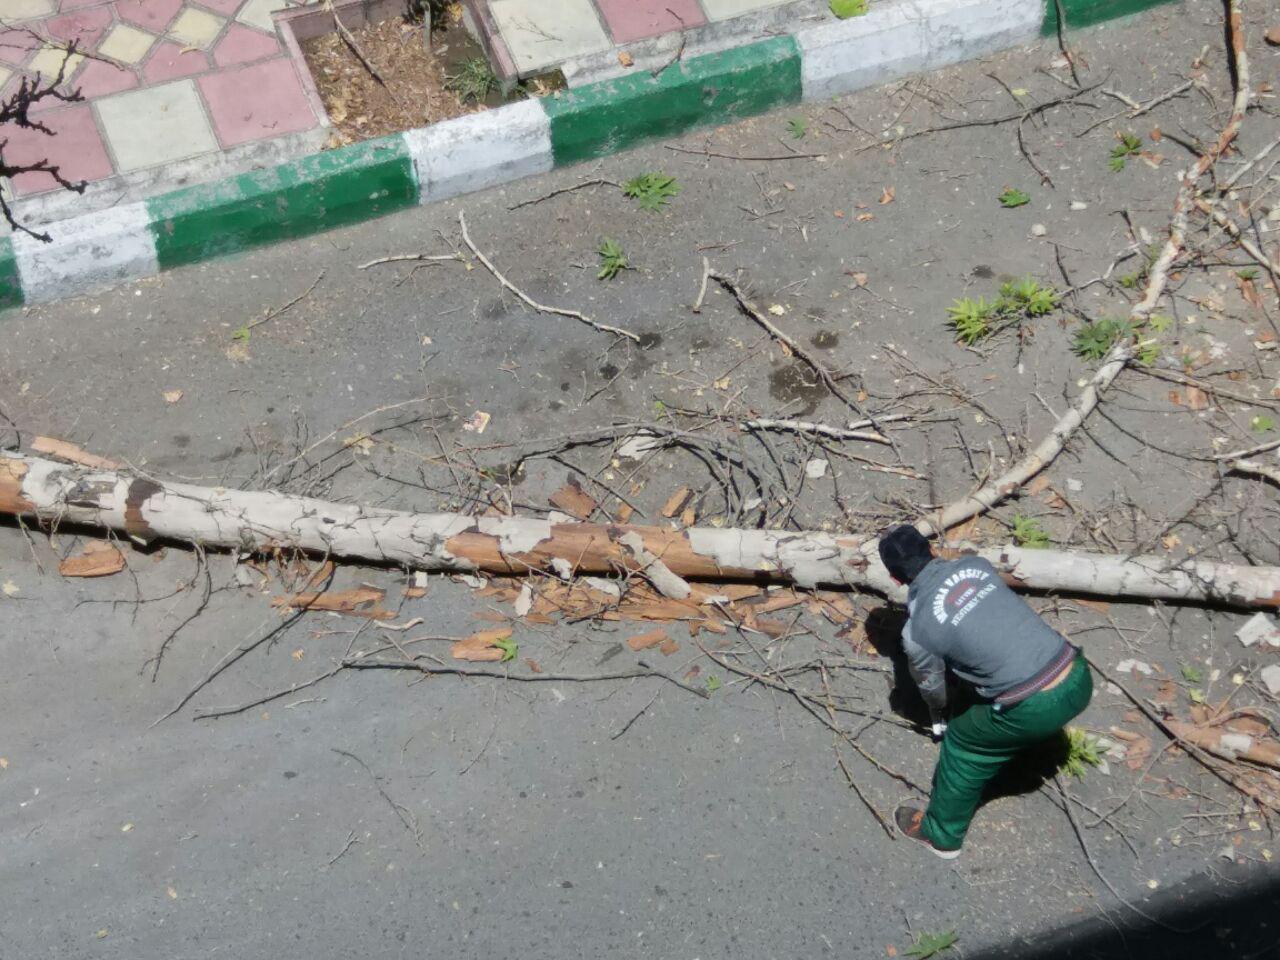 اینجا یک درخت دیگر به قتل رسید!